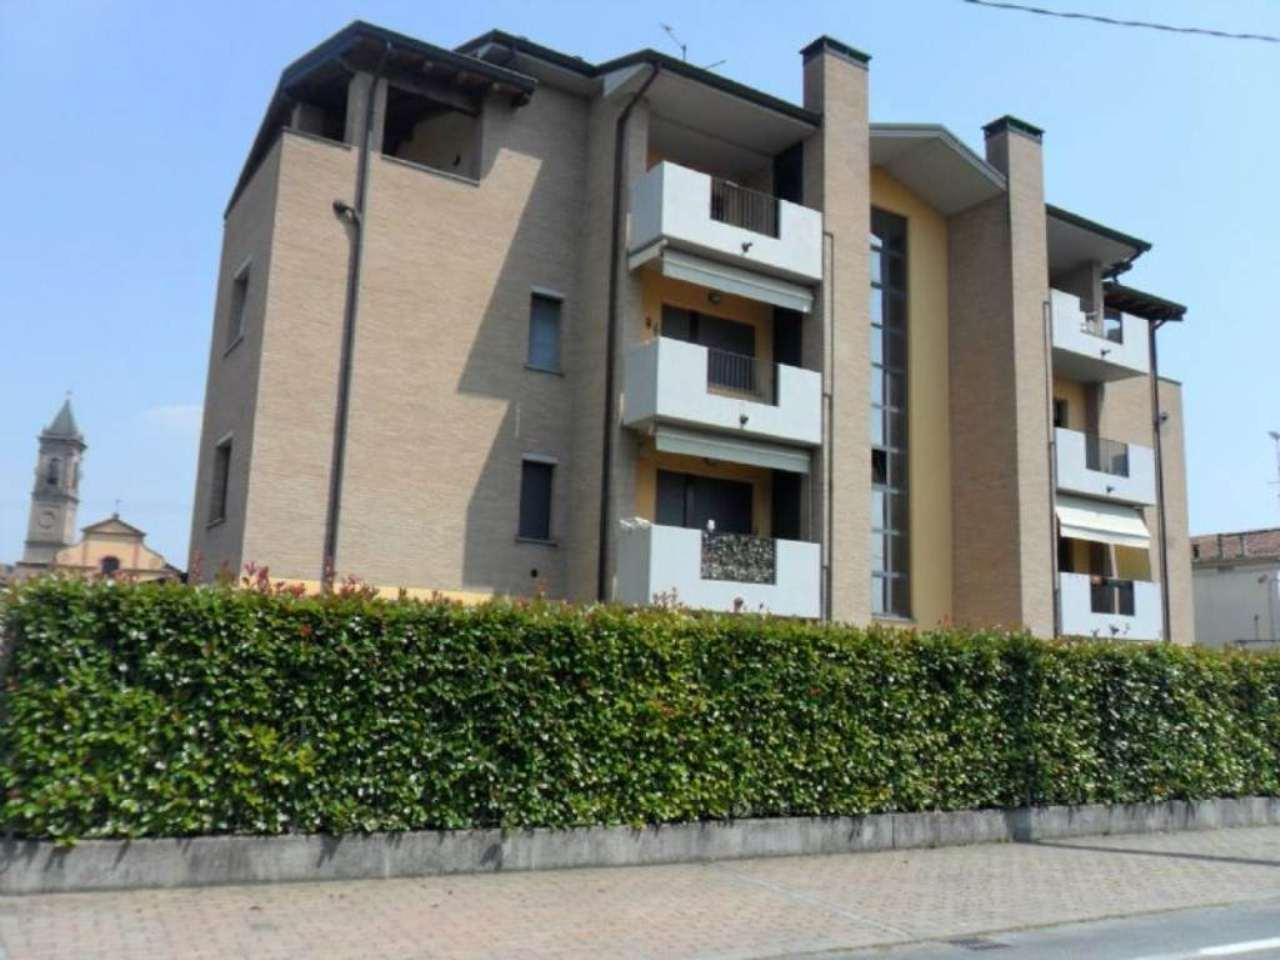 Appartamento in vendita a Fontevivo, 2 locali, prezzo € 80.000 | Cambio Casa.it